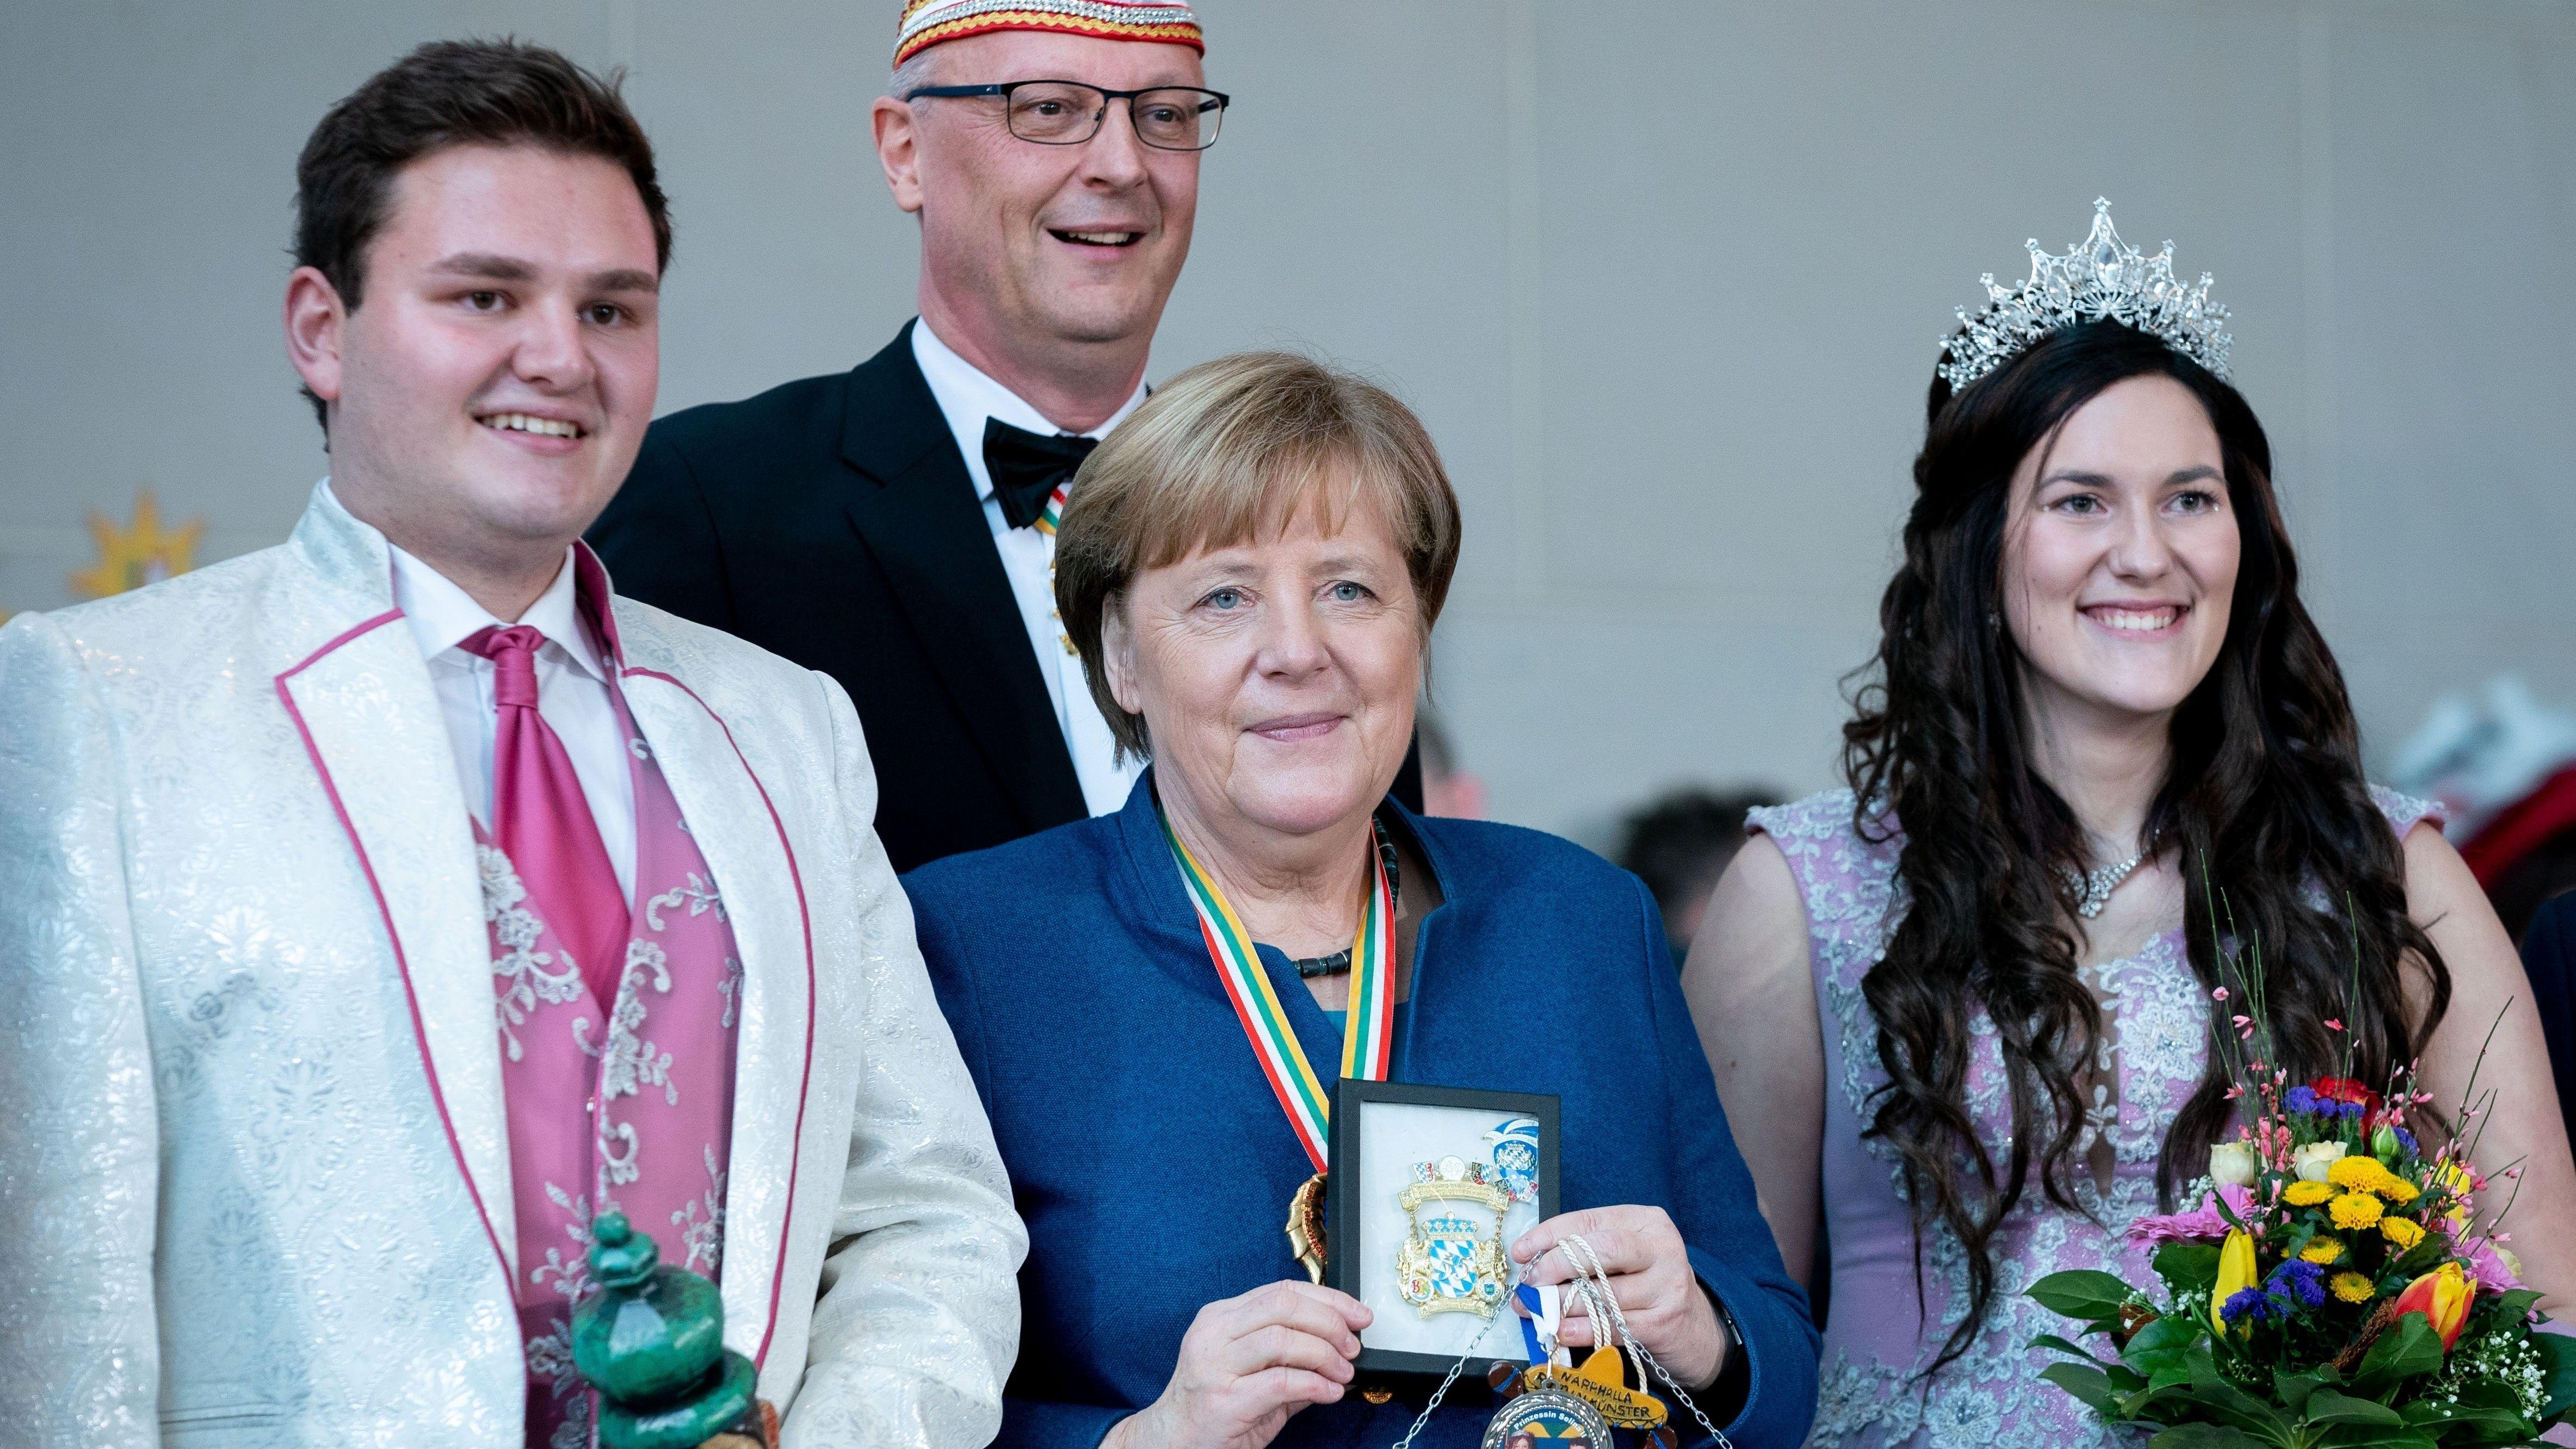 Angela Merkel mit Prinzessin Amelie l. und Prinz Daniel I. Narrhalla Rotthalmünster und Klaus-Ludwig Fess, Präsident Bundes Deutscher Karneval